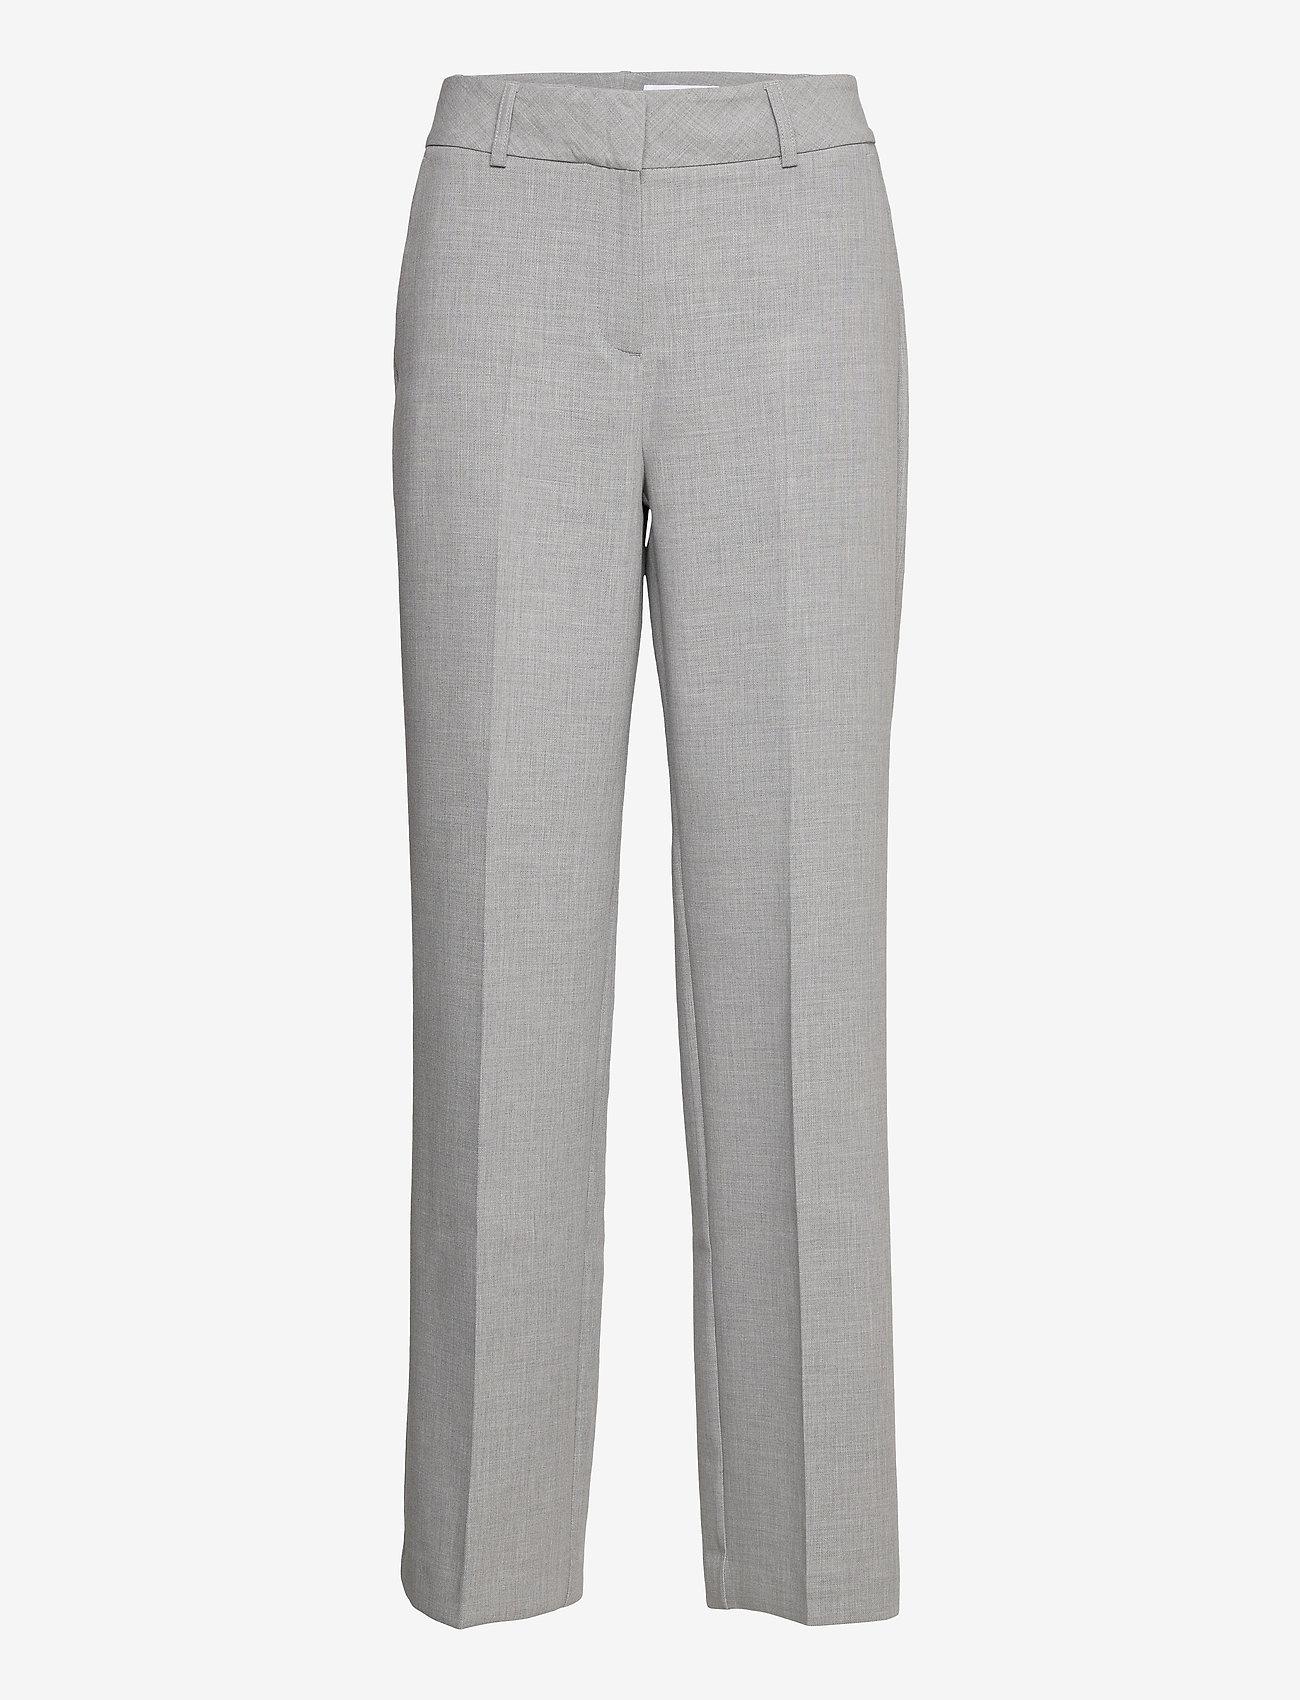 Selected Femme - SLFRITA MW WIDE PANT LGM B - straight leg hosen - light grey melange - 0